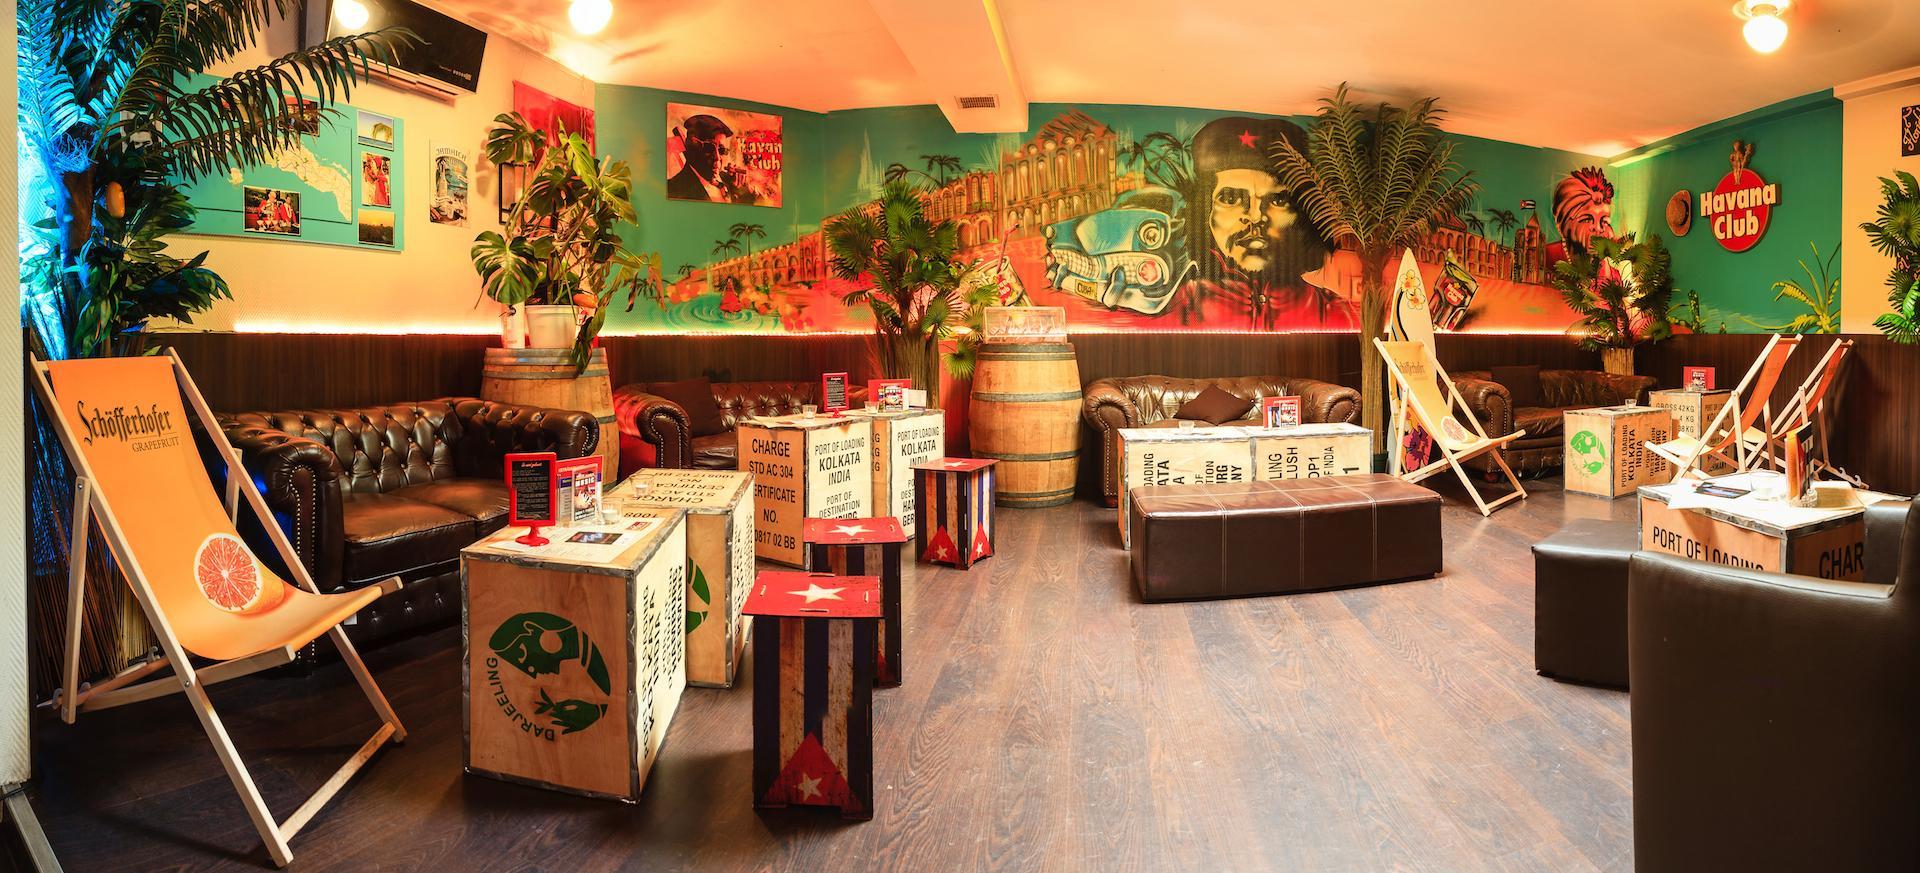 Cafe Mocca Lounge